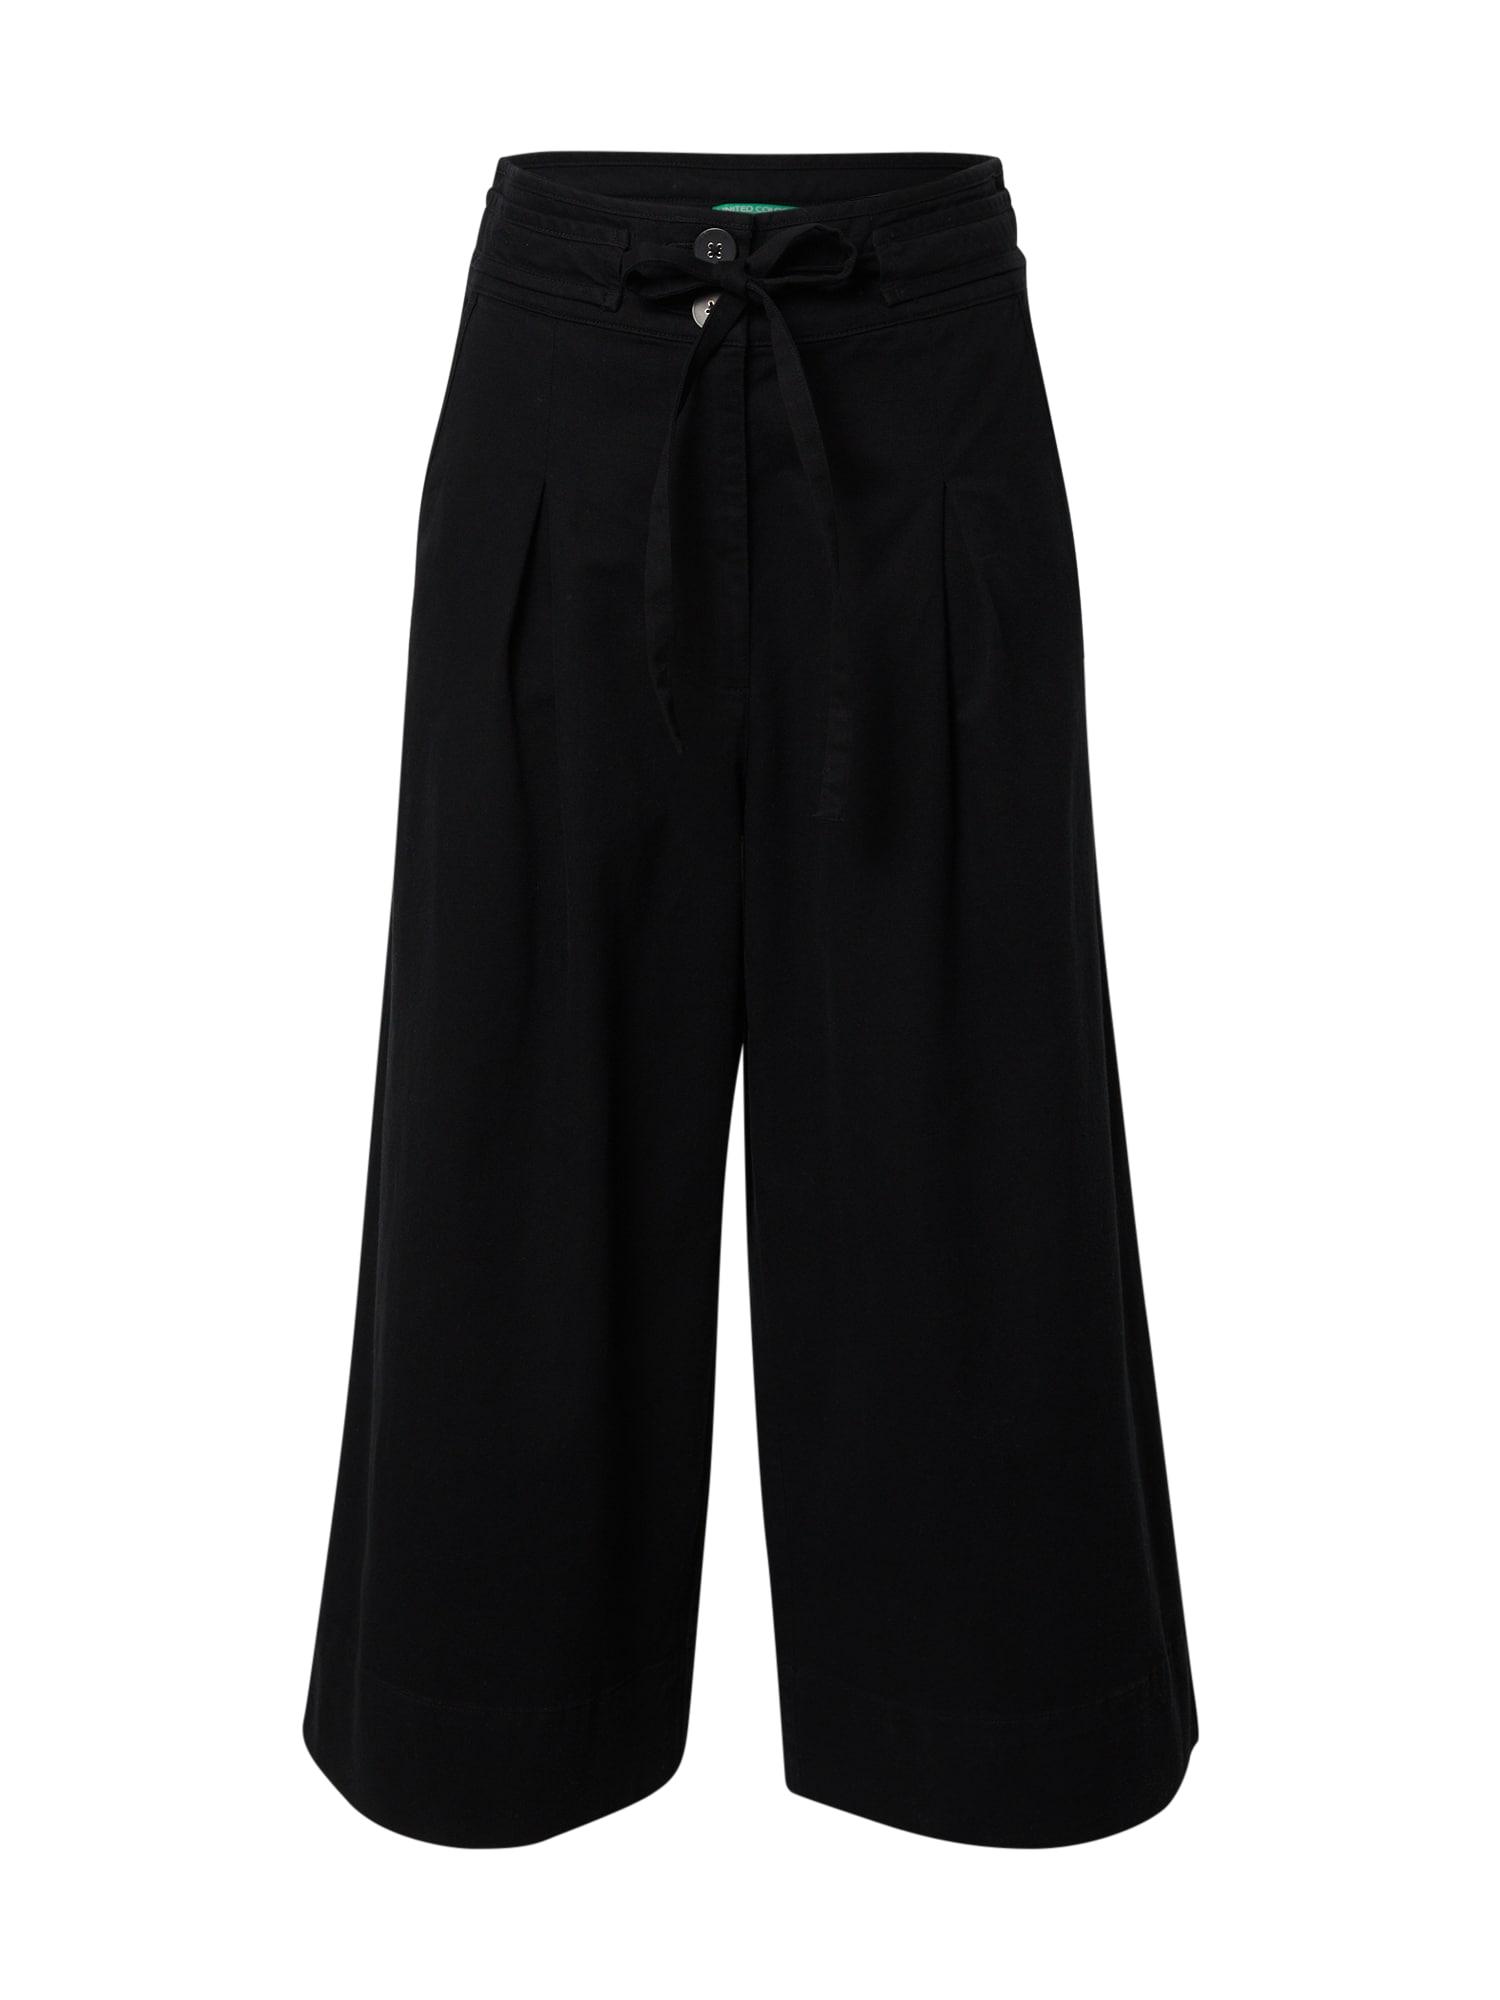 UNITED COLORS OF BENETTON Klostuotos kelnės juoda